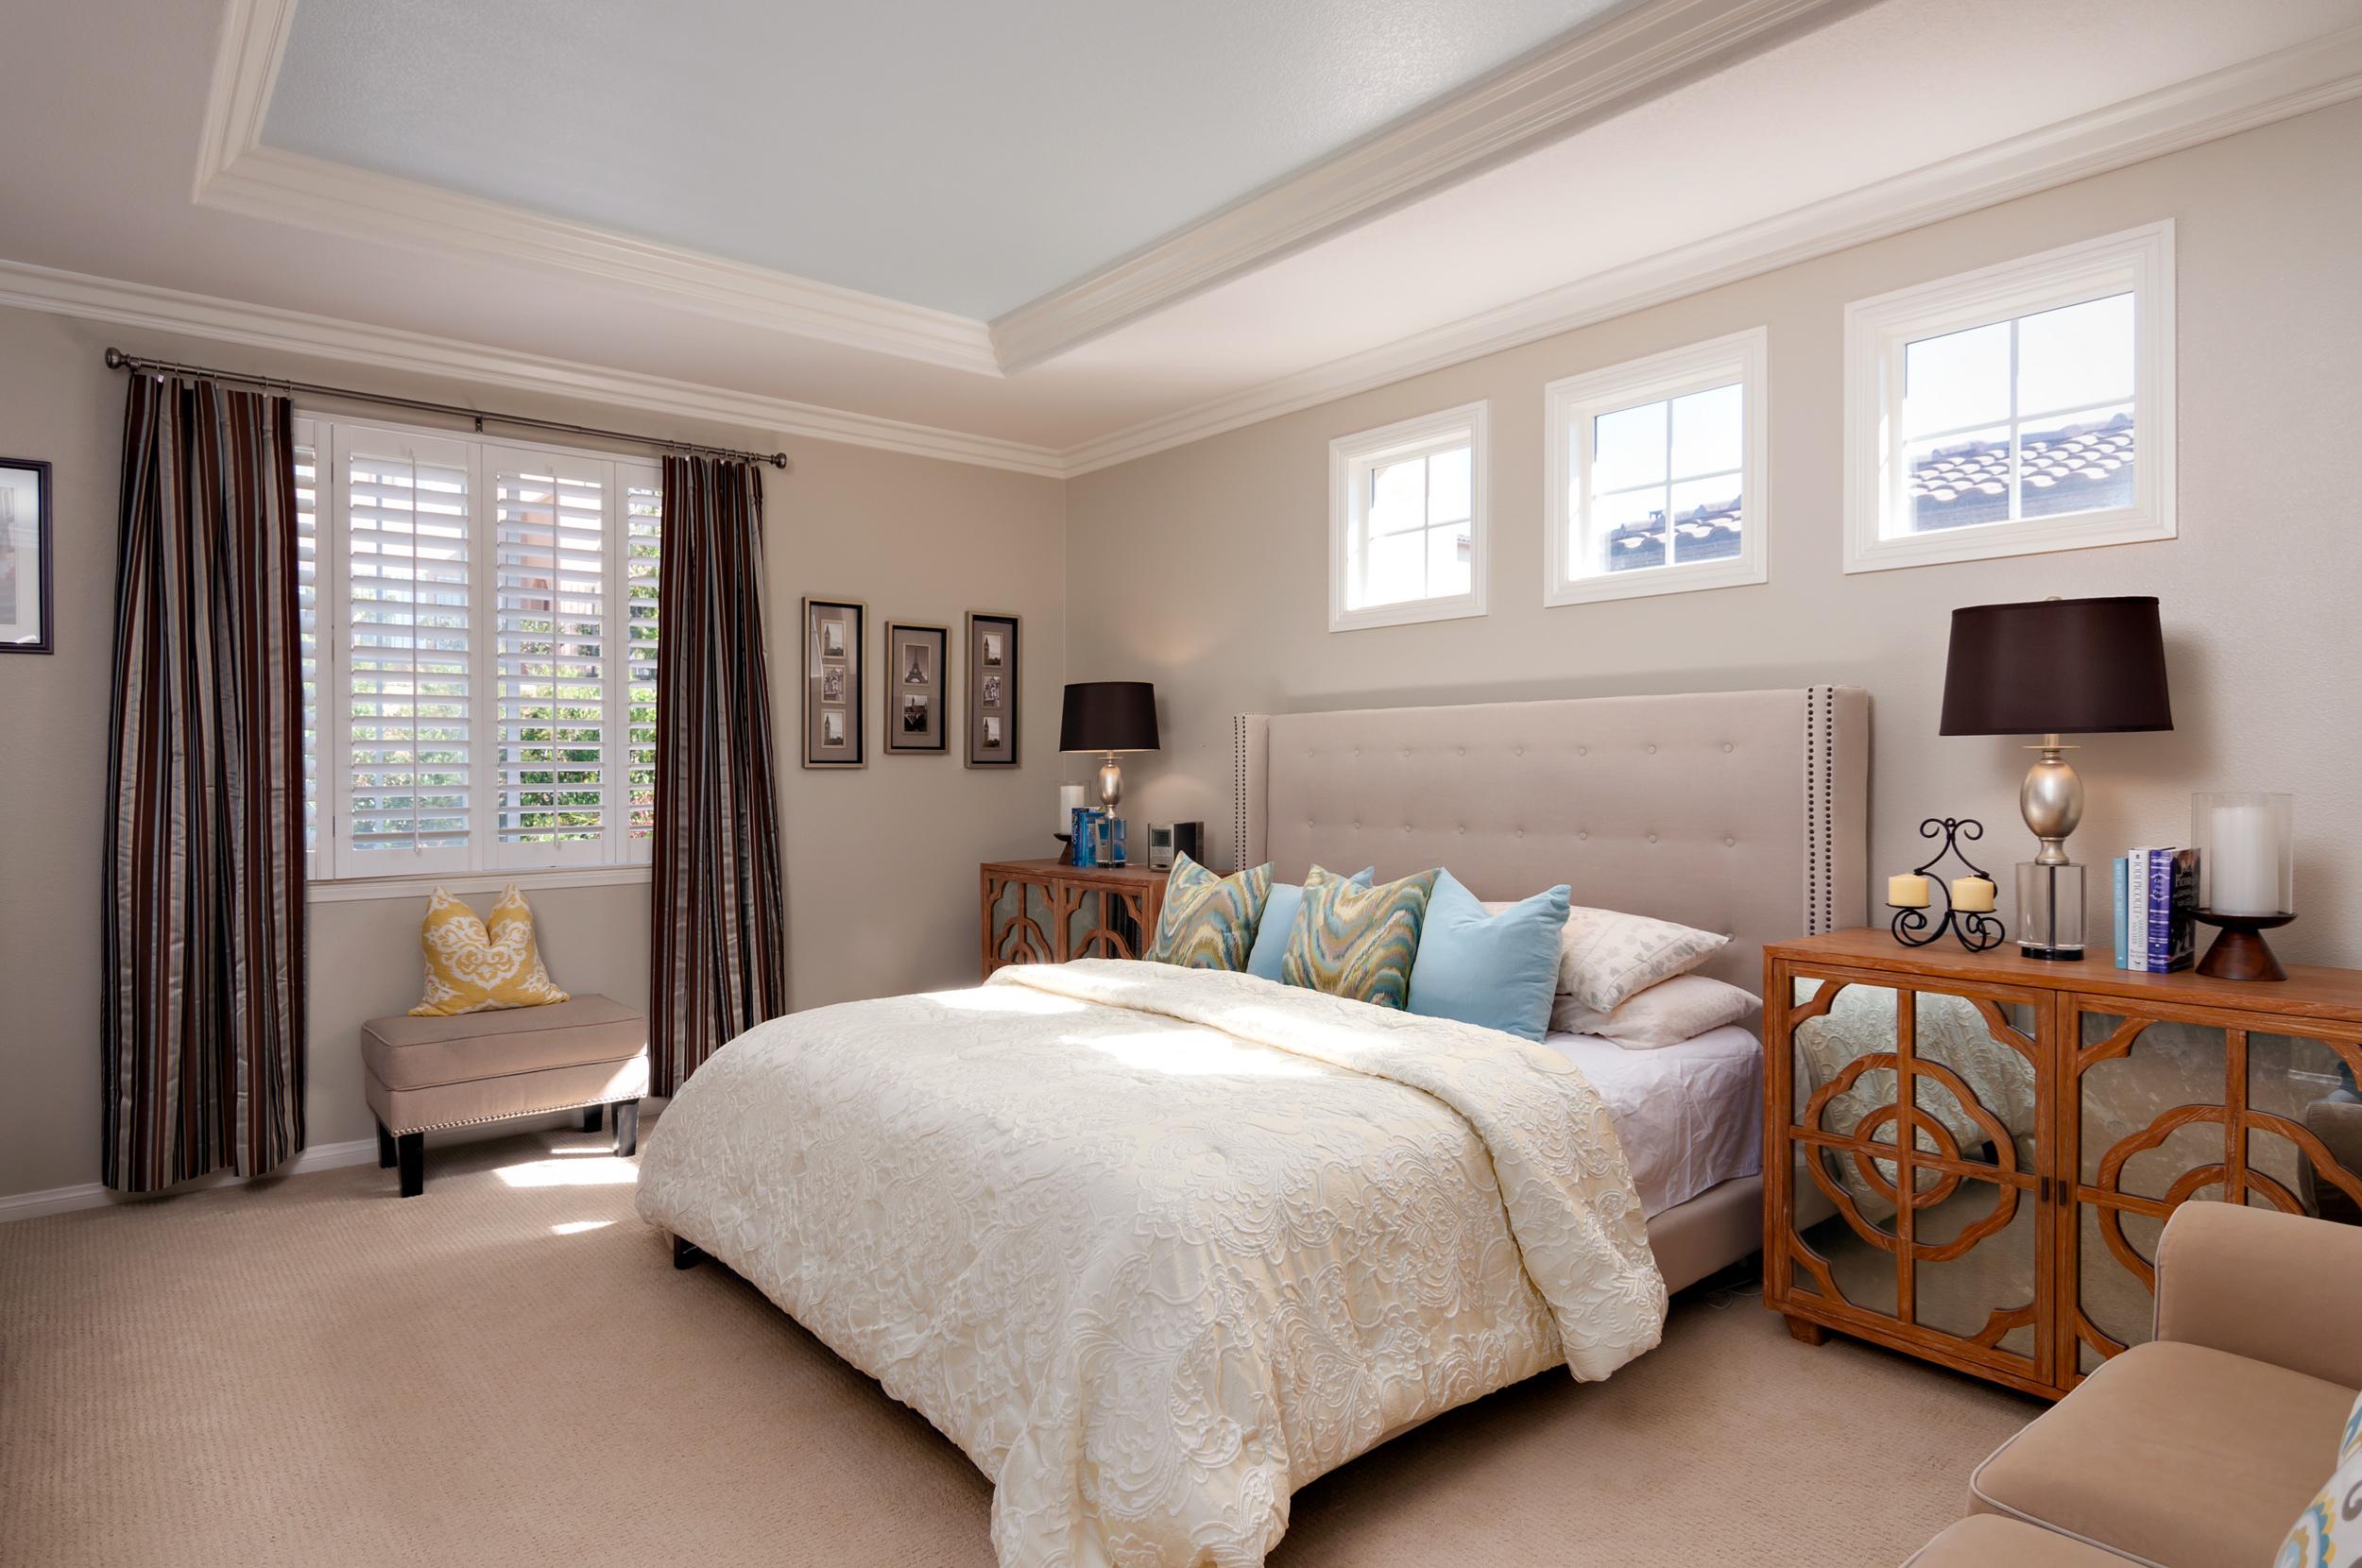 bed room pics